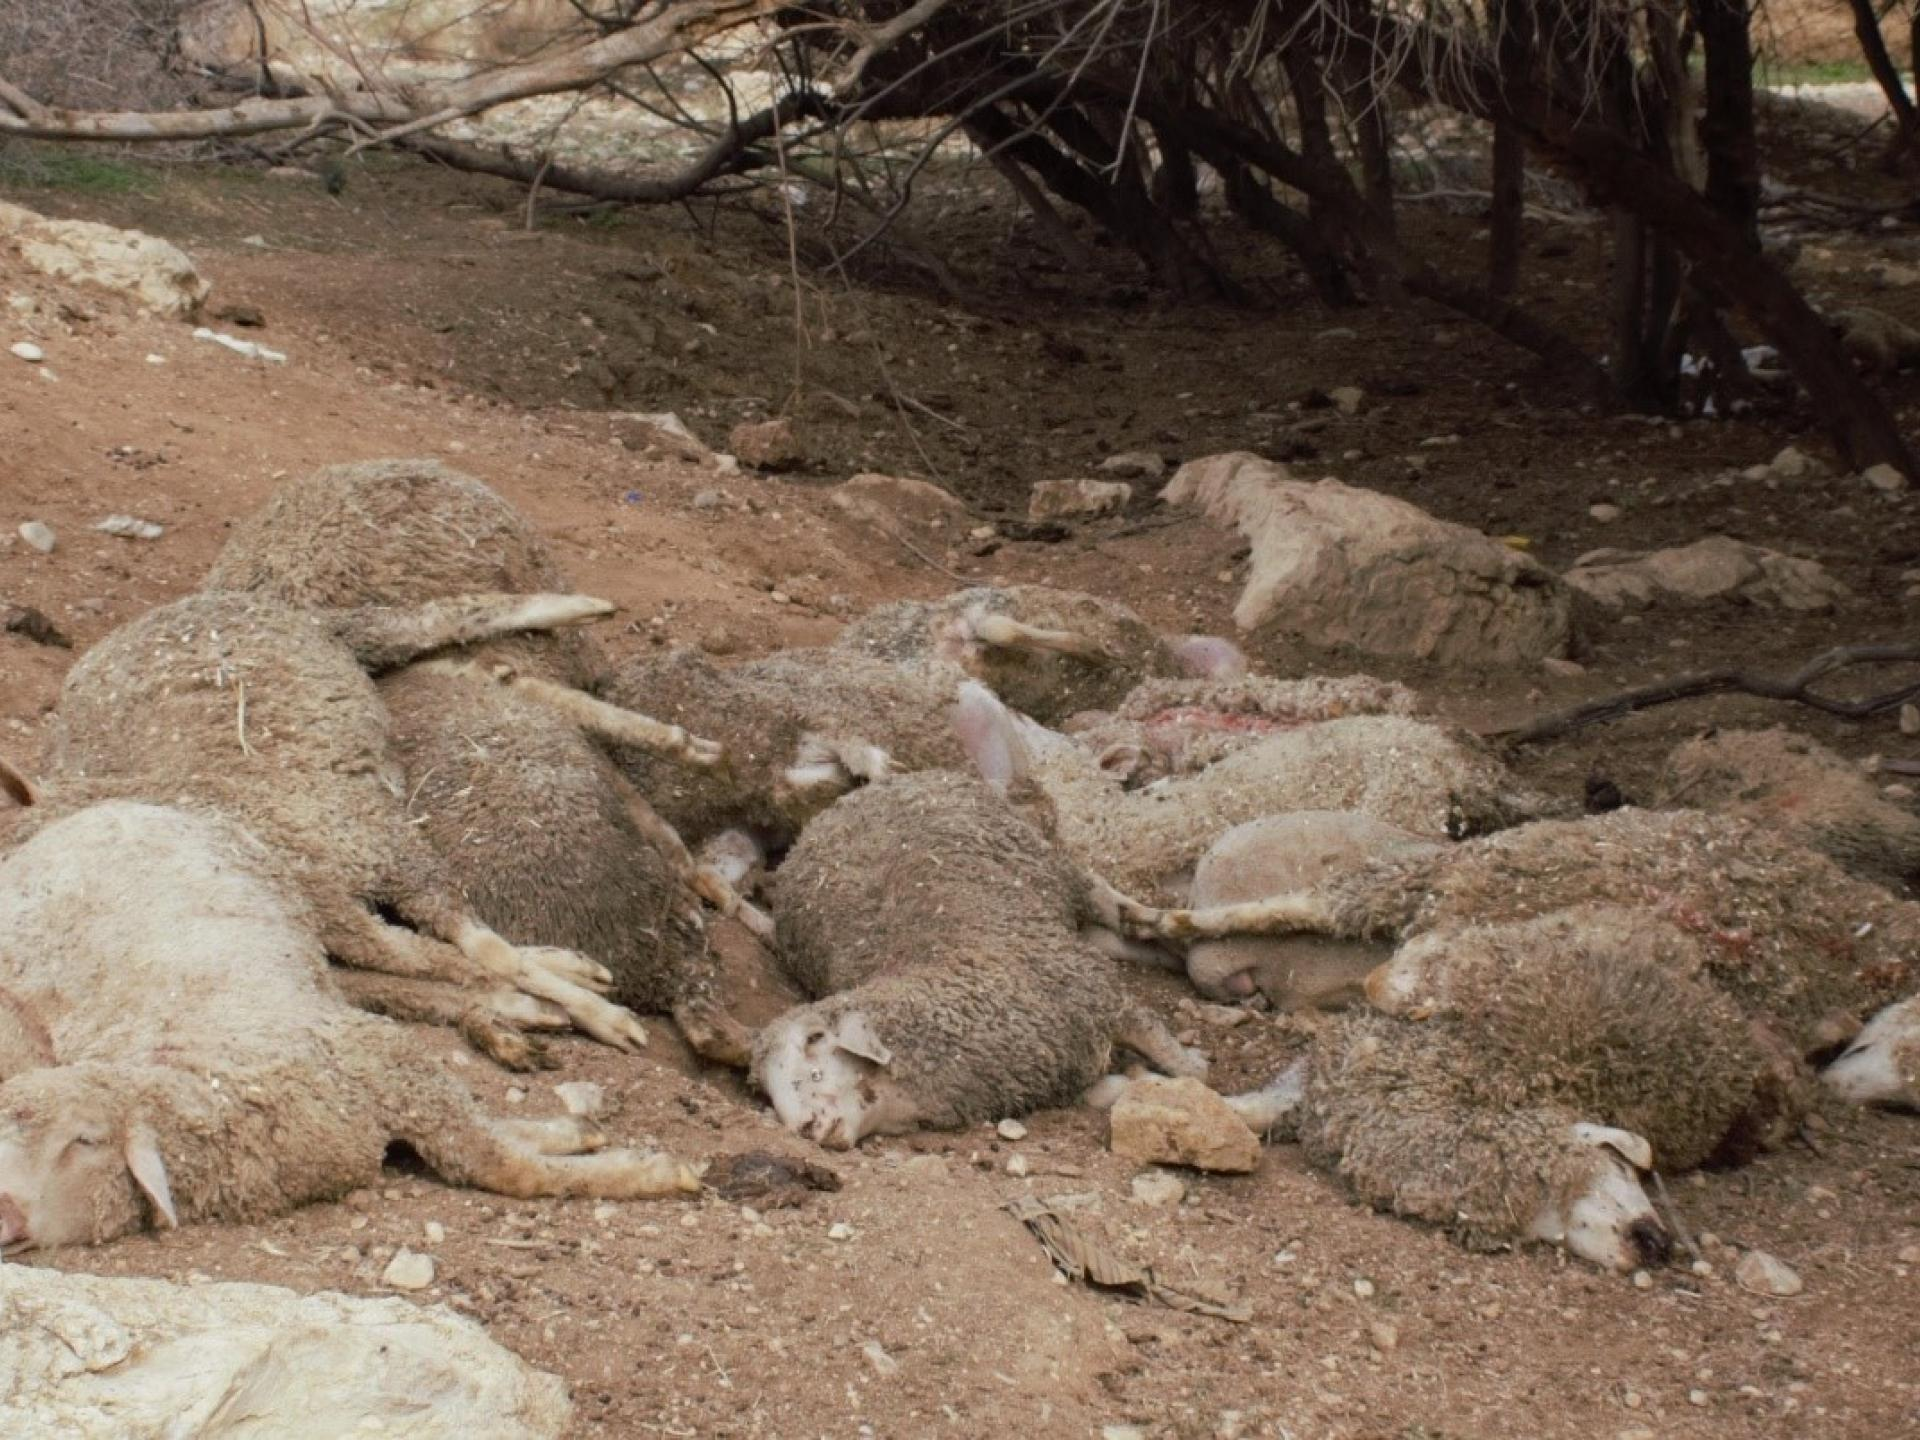 בקעת הירדן: פגרי כבשים בעין אל חילווה